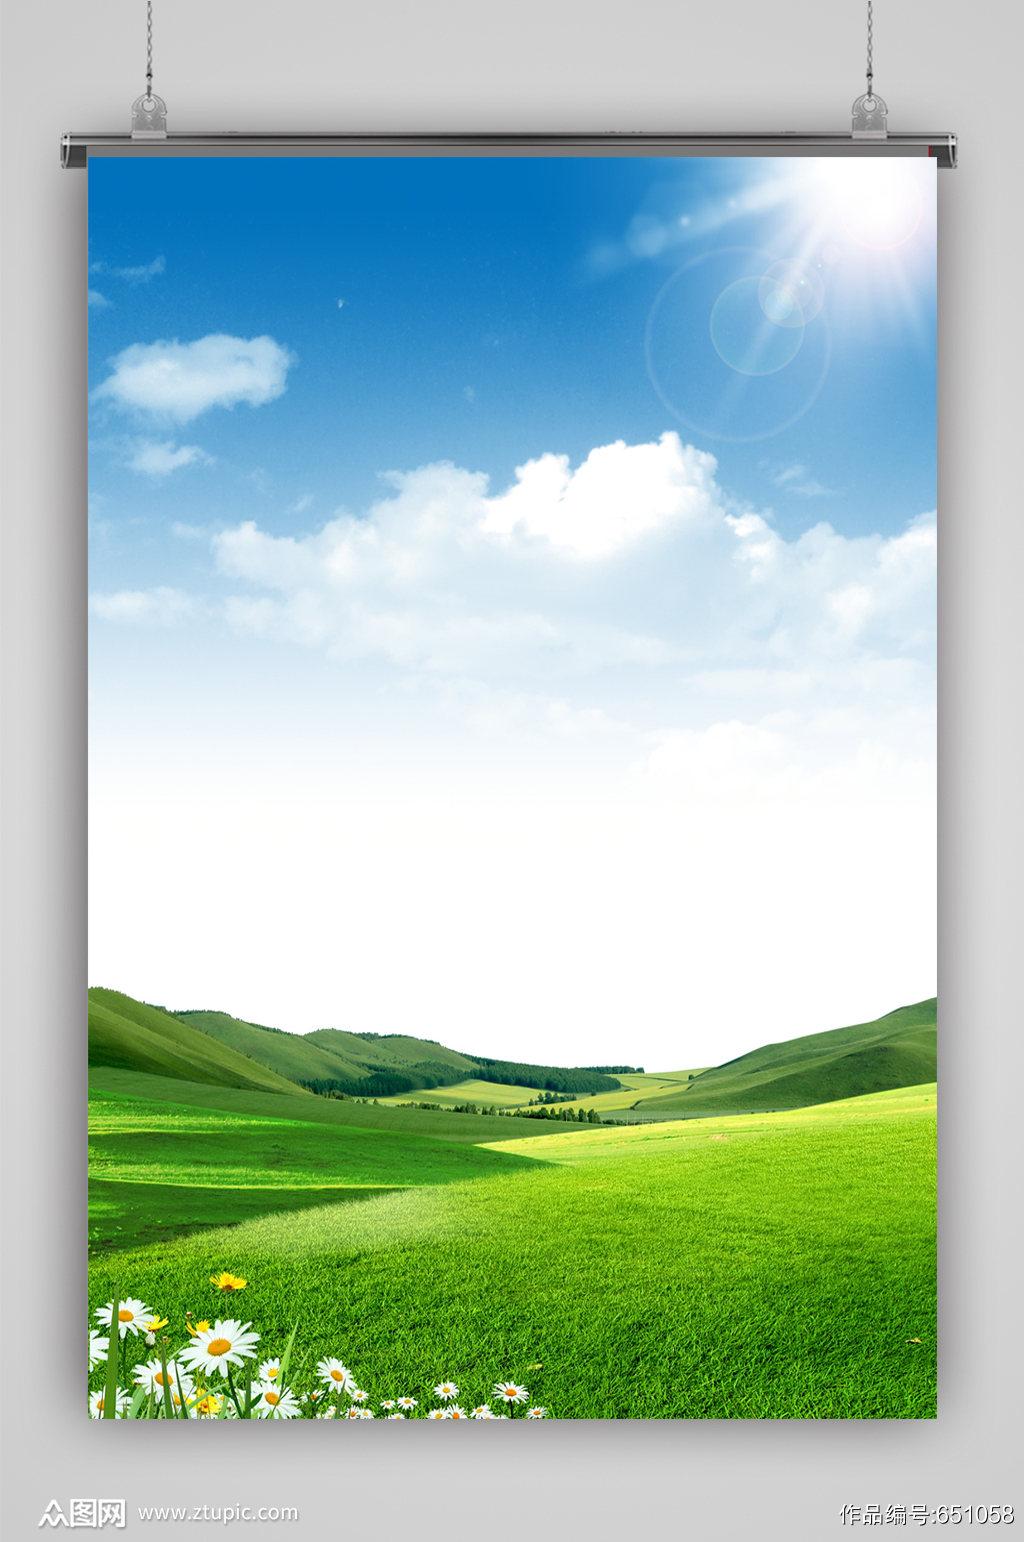 白云草地蓝天简洁背景素材